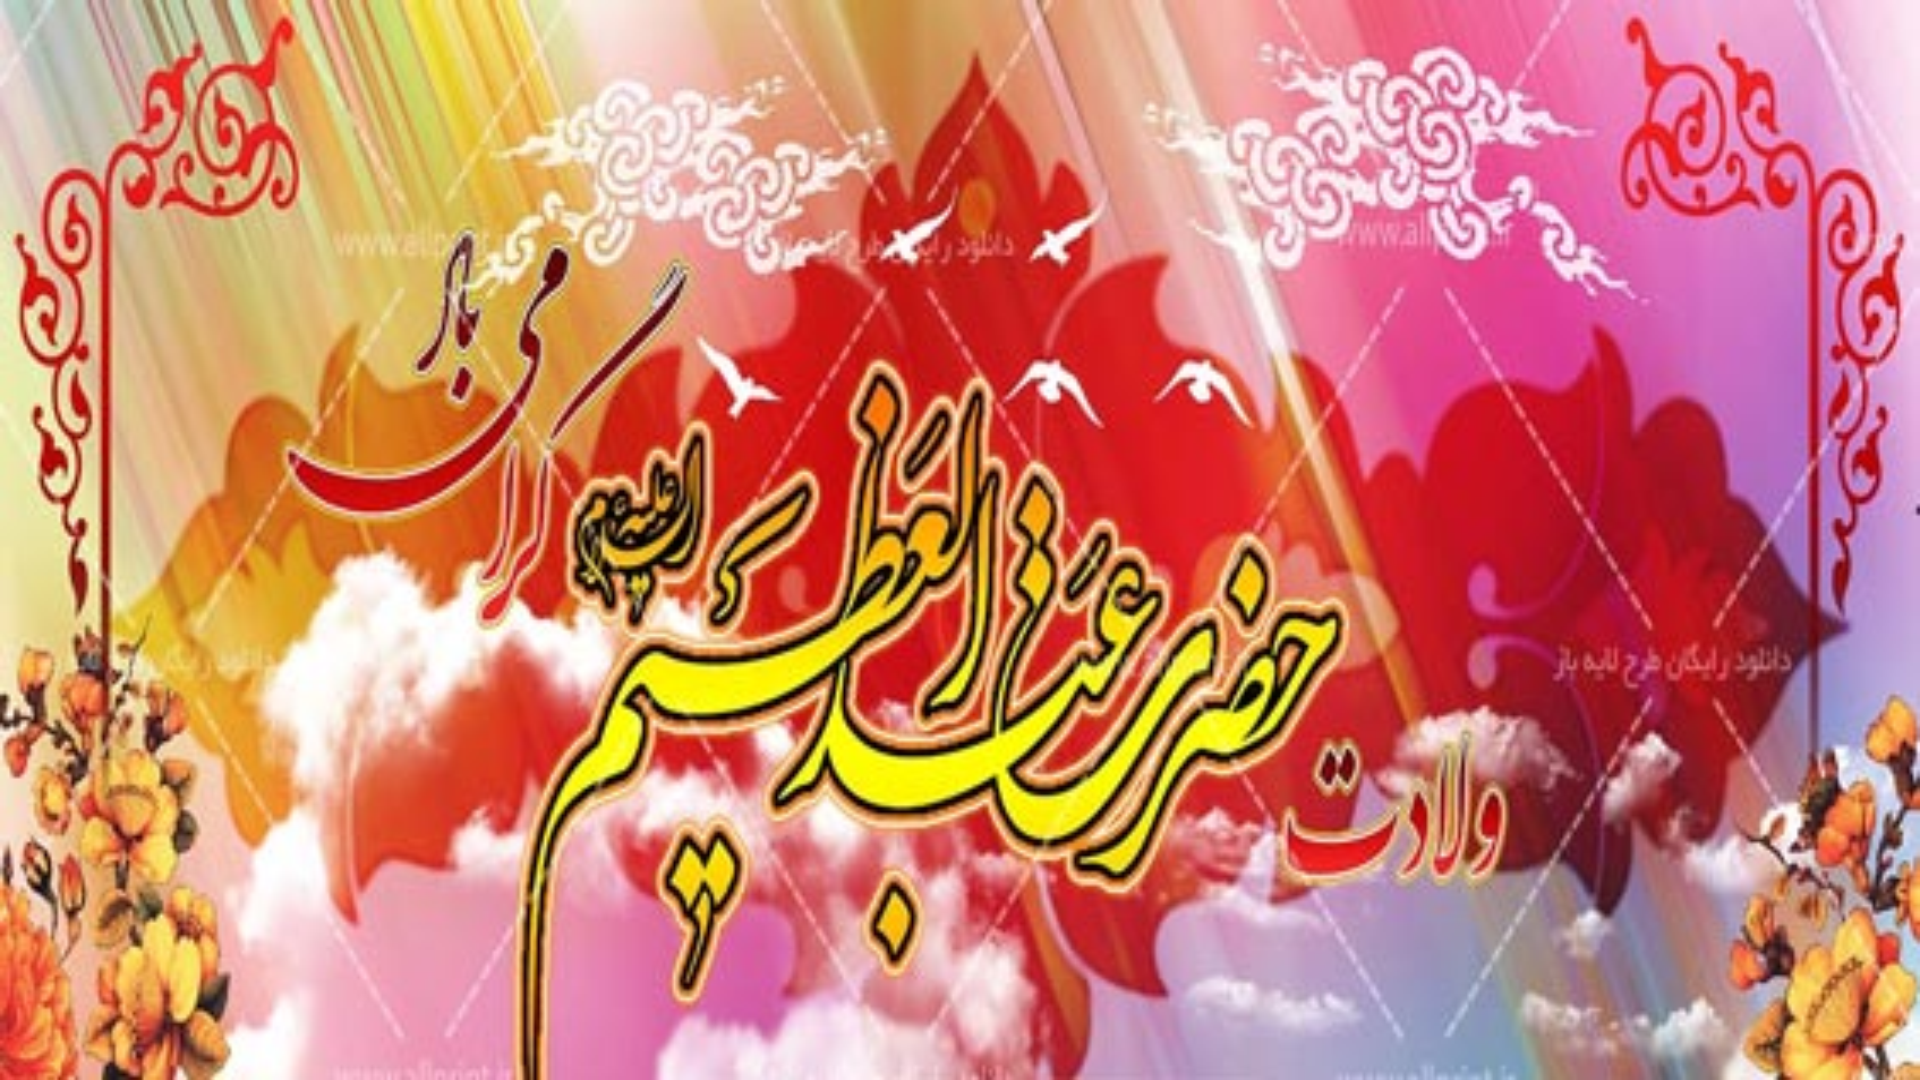 به مناسبت ولادت حضرت عبدالعظیم حسنی | فیلم